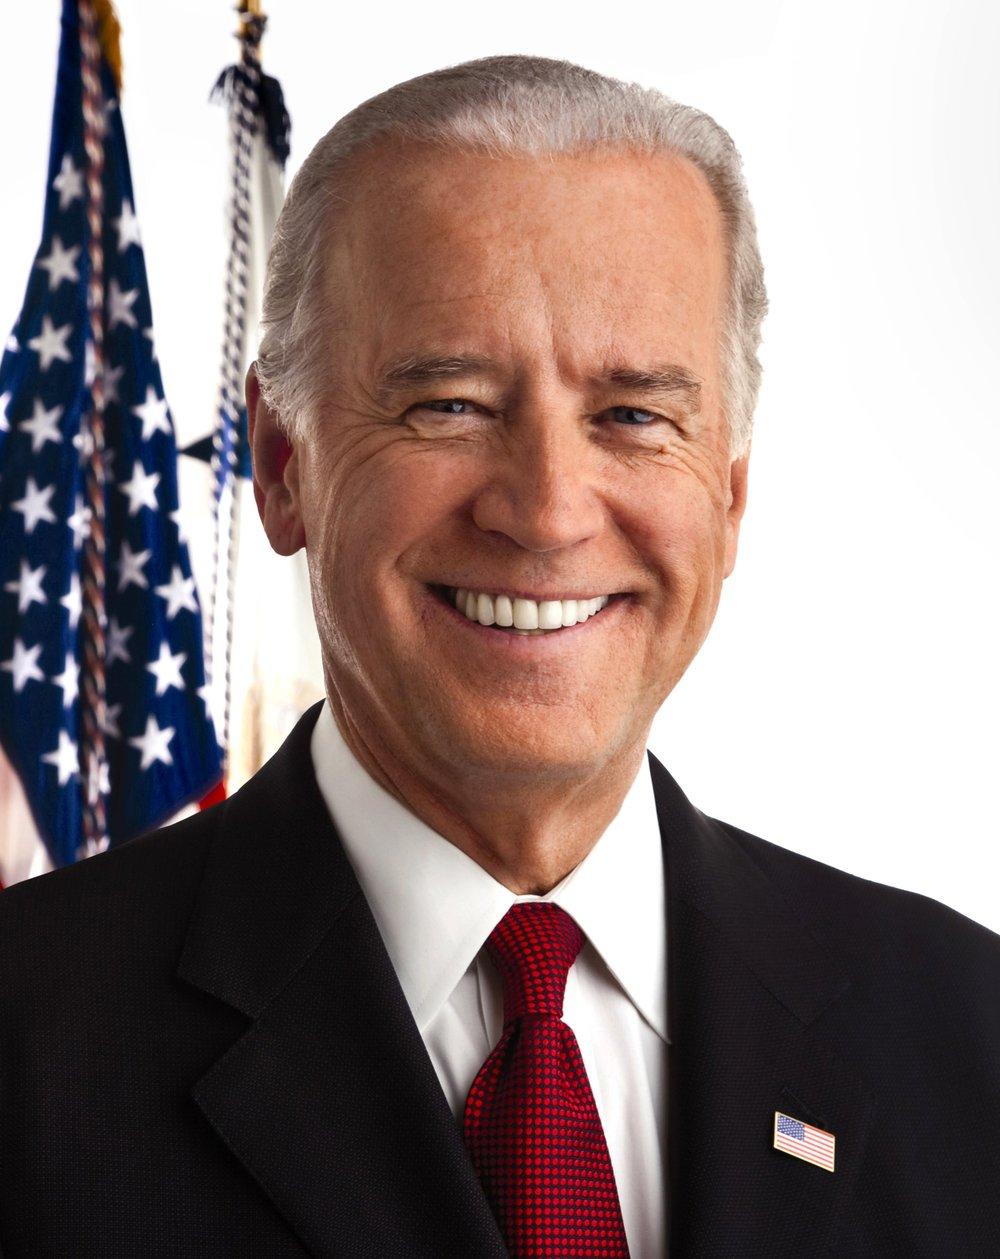 Joseph-Biden-_9.jpg